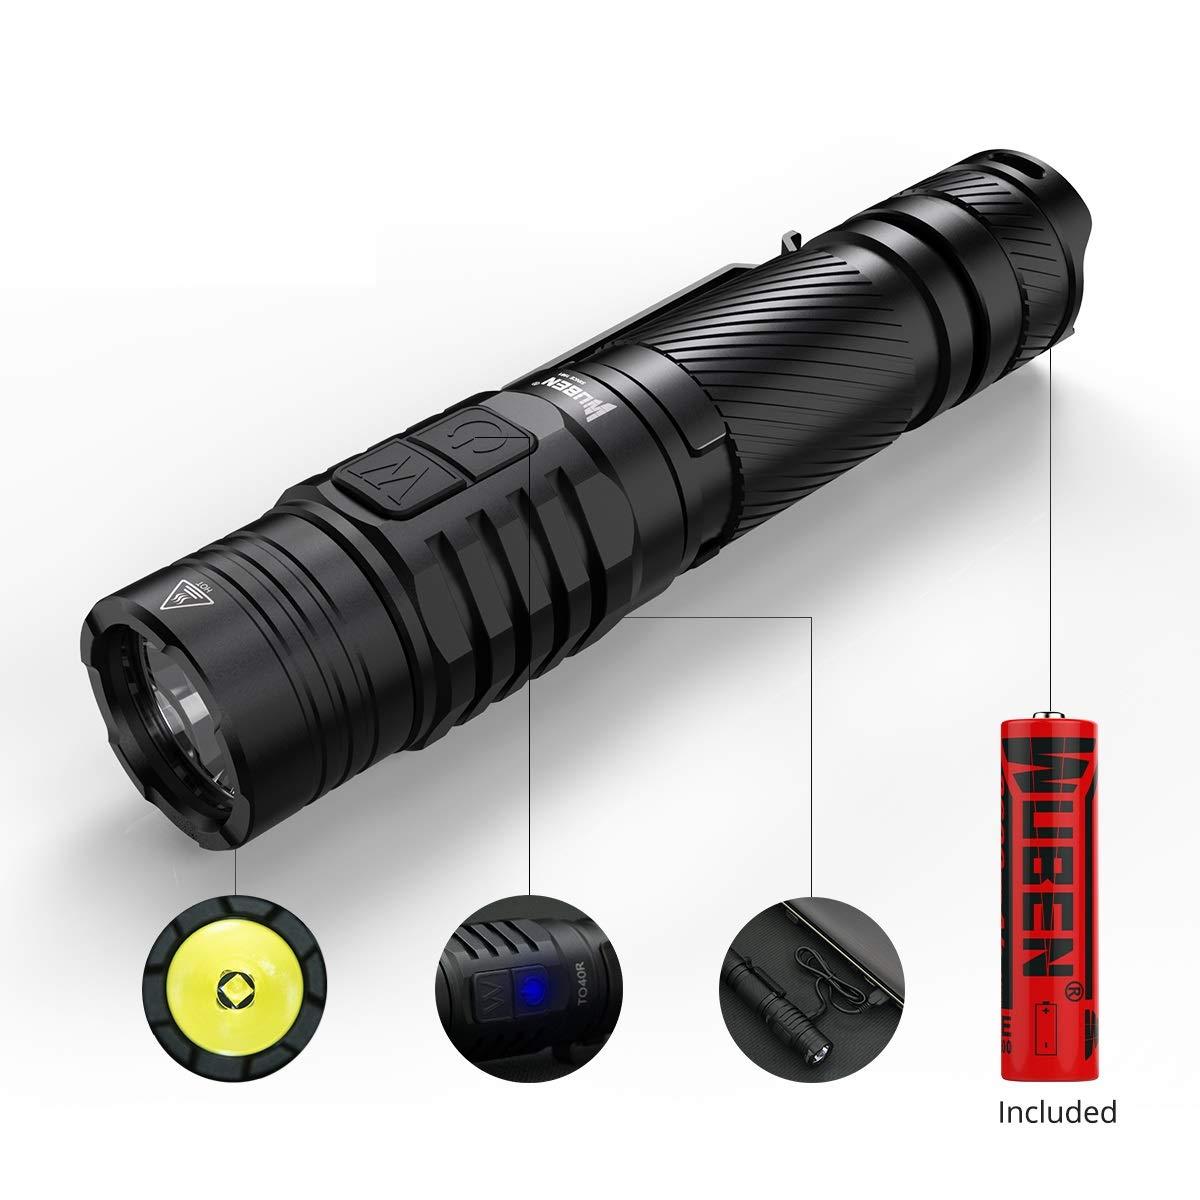 LED Taschenlampe Zoombar Taktische Outdoor Handlampe Wasserfest IPX8 USB Wiederaufladbar LED Taschenlampen WUBEN Extrem Super hell 1200 Lumen aufladbar Licht Zoombare , Wandern ,Mit Batterie B07CMXHGZ6 Taschenlampen Großer Verkauf